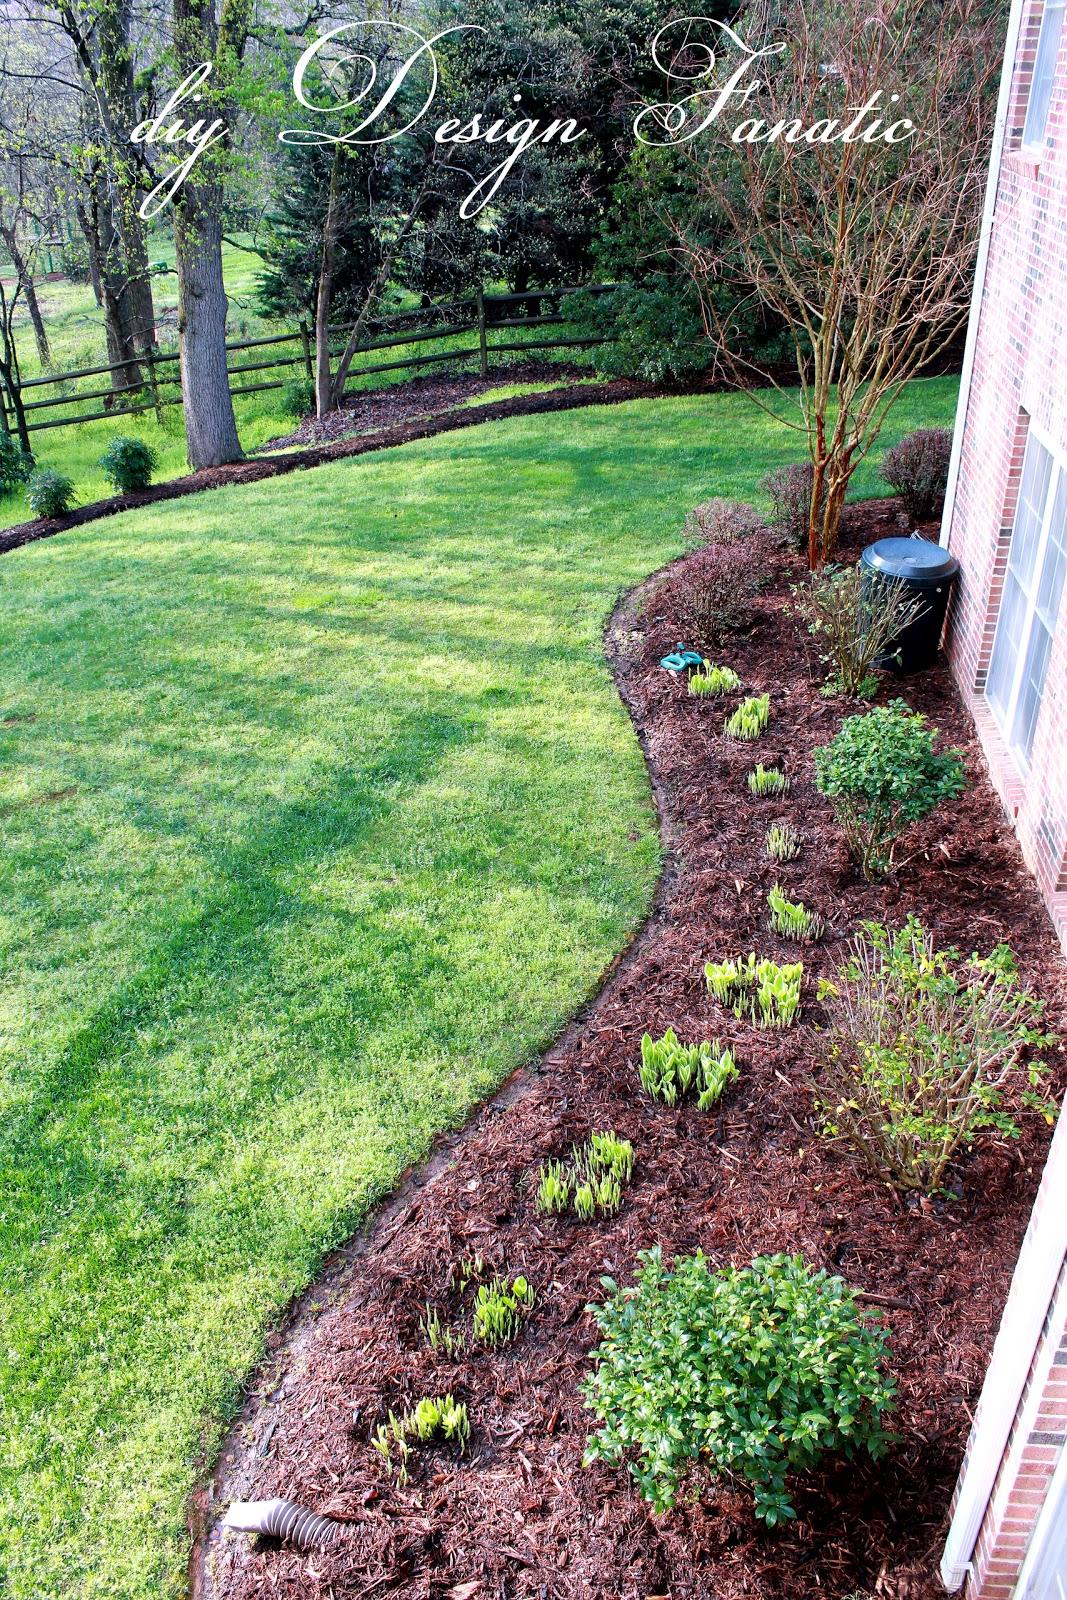 landscaping supply near me landscape ideas. Black Bedroom Furniture Sets. Home Design Ideas